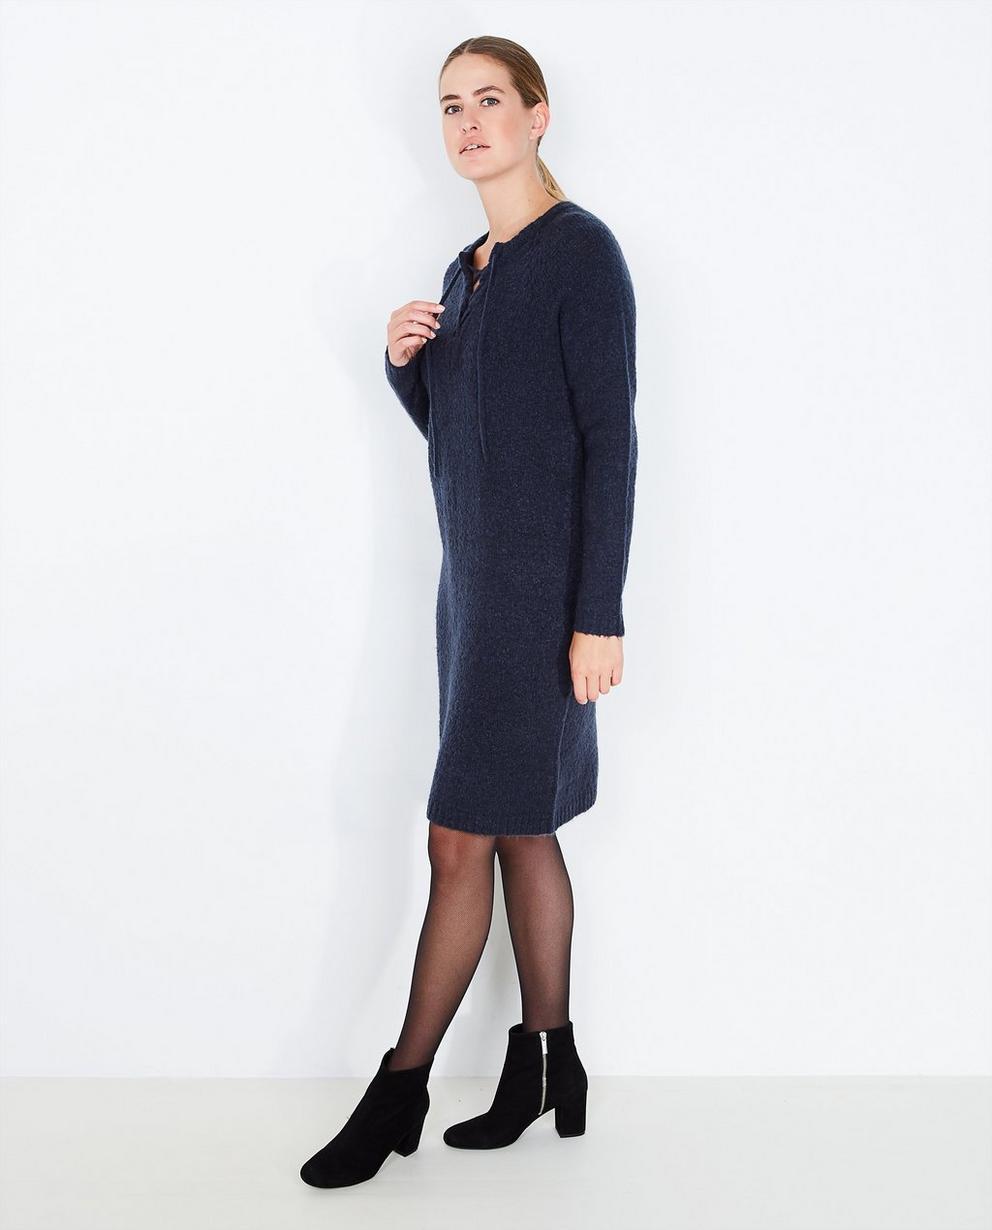 Diepblauwe gebreide jurk - PEP - Pep